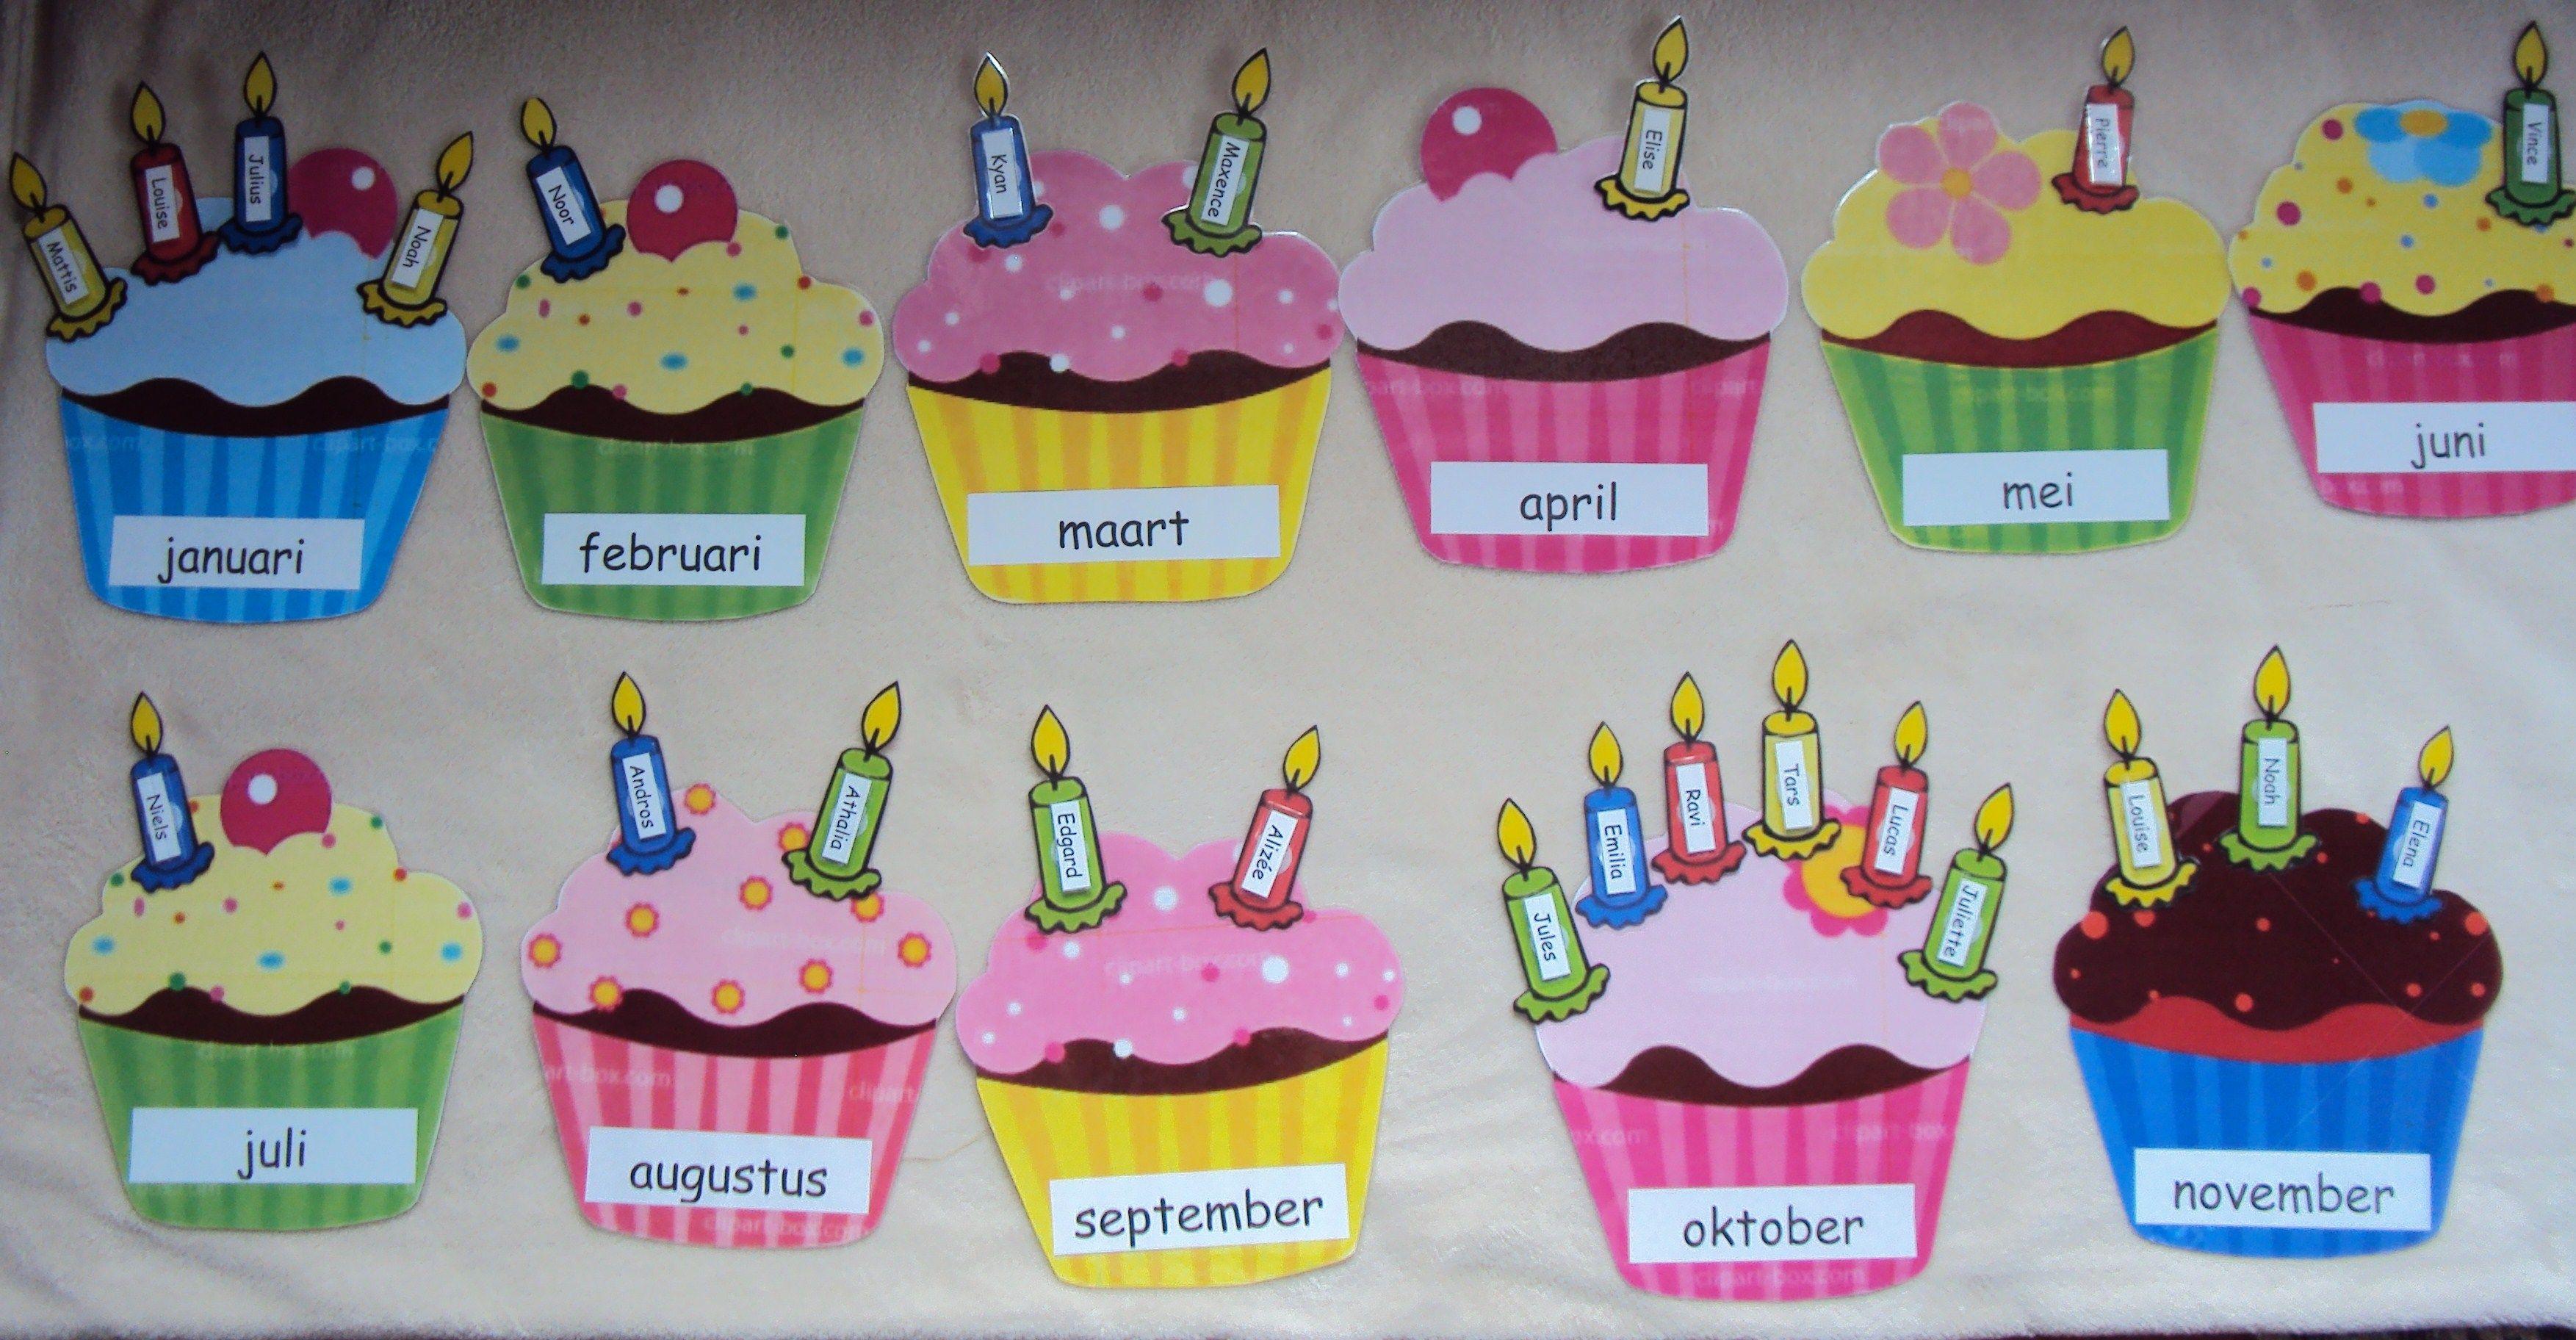 Mijn verjaardagskalender (Voor de cupcakes en kaarsjes zie bord 'kalenders en symbolen')